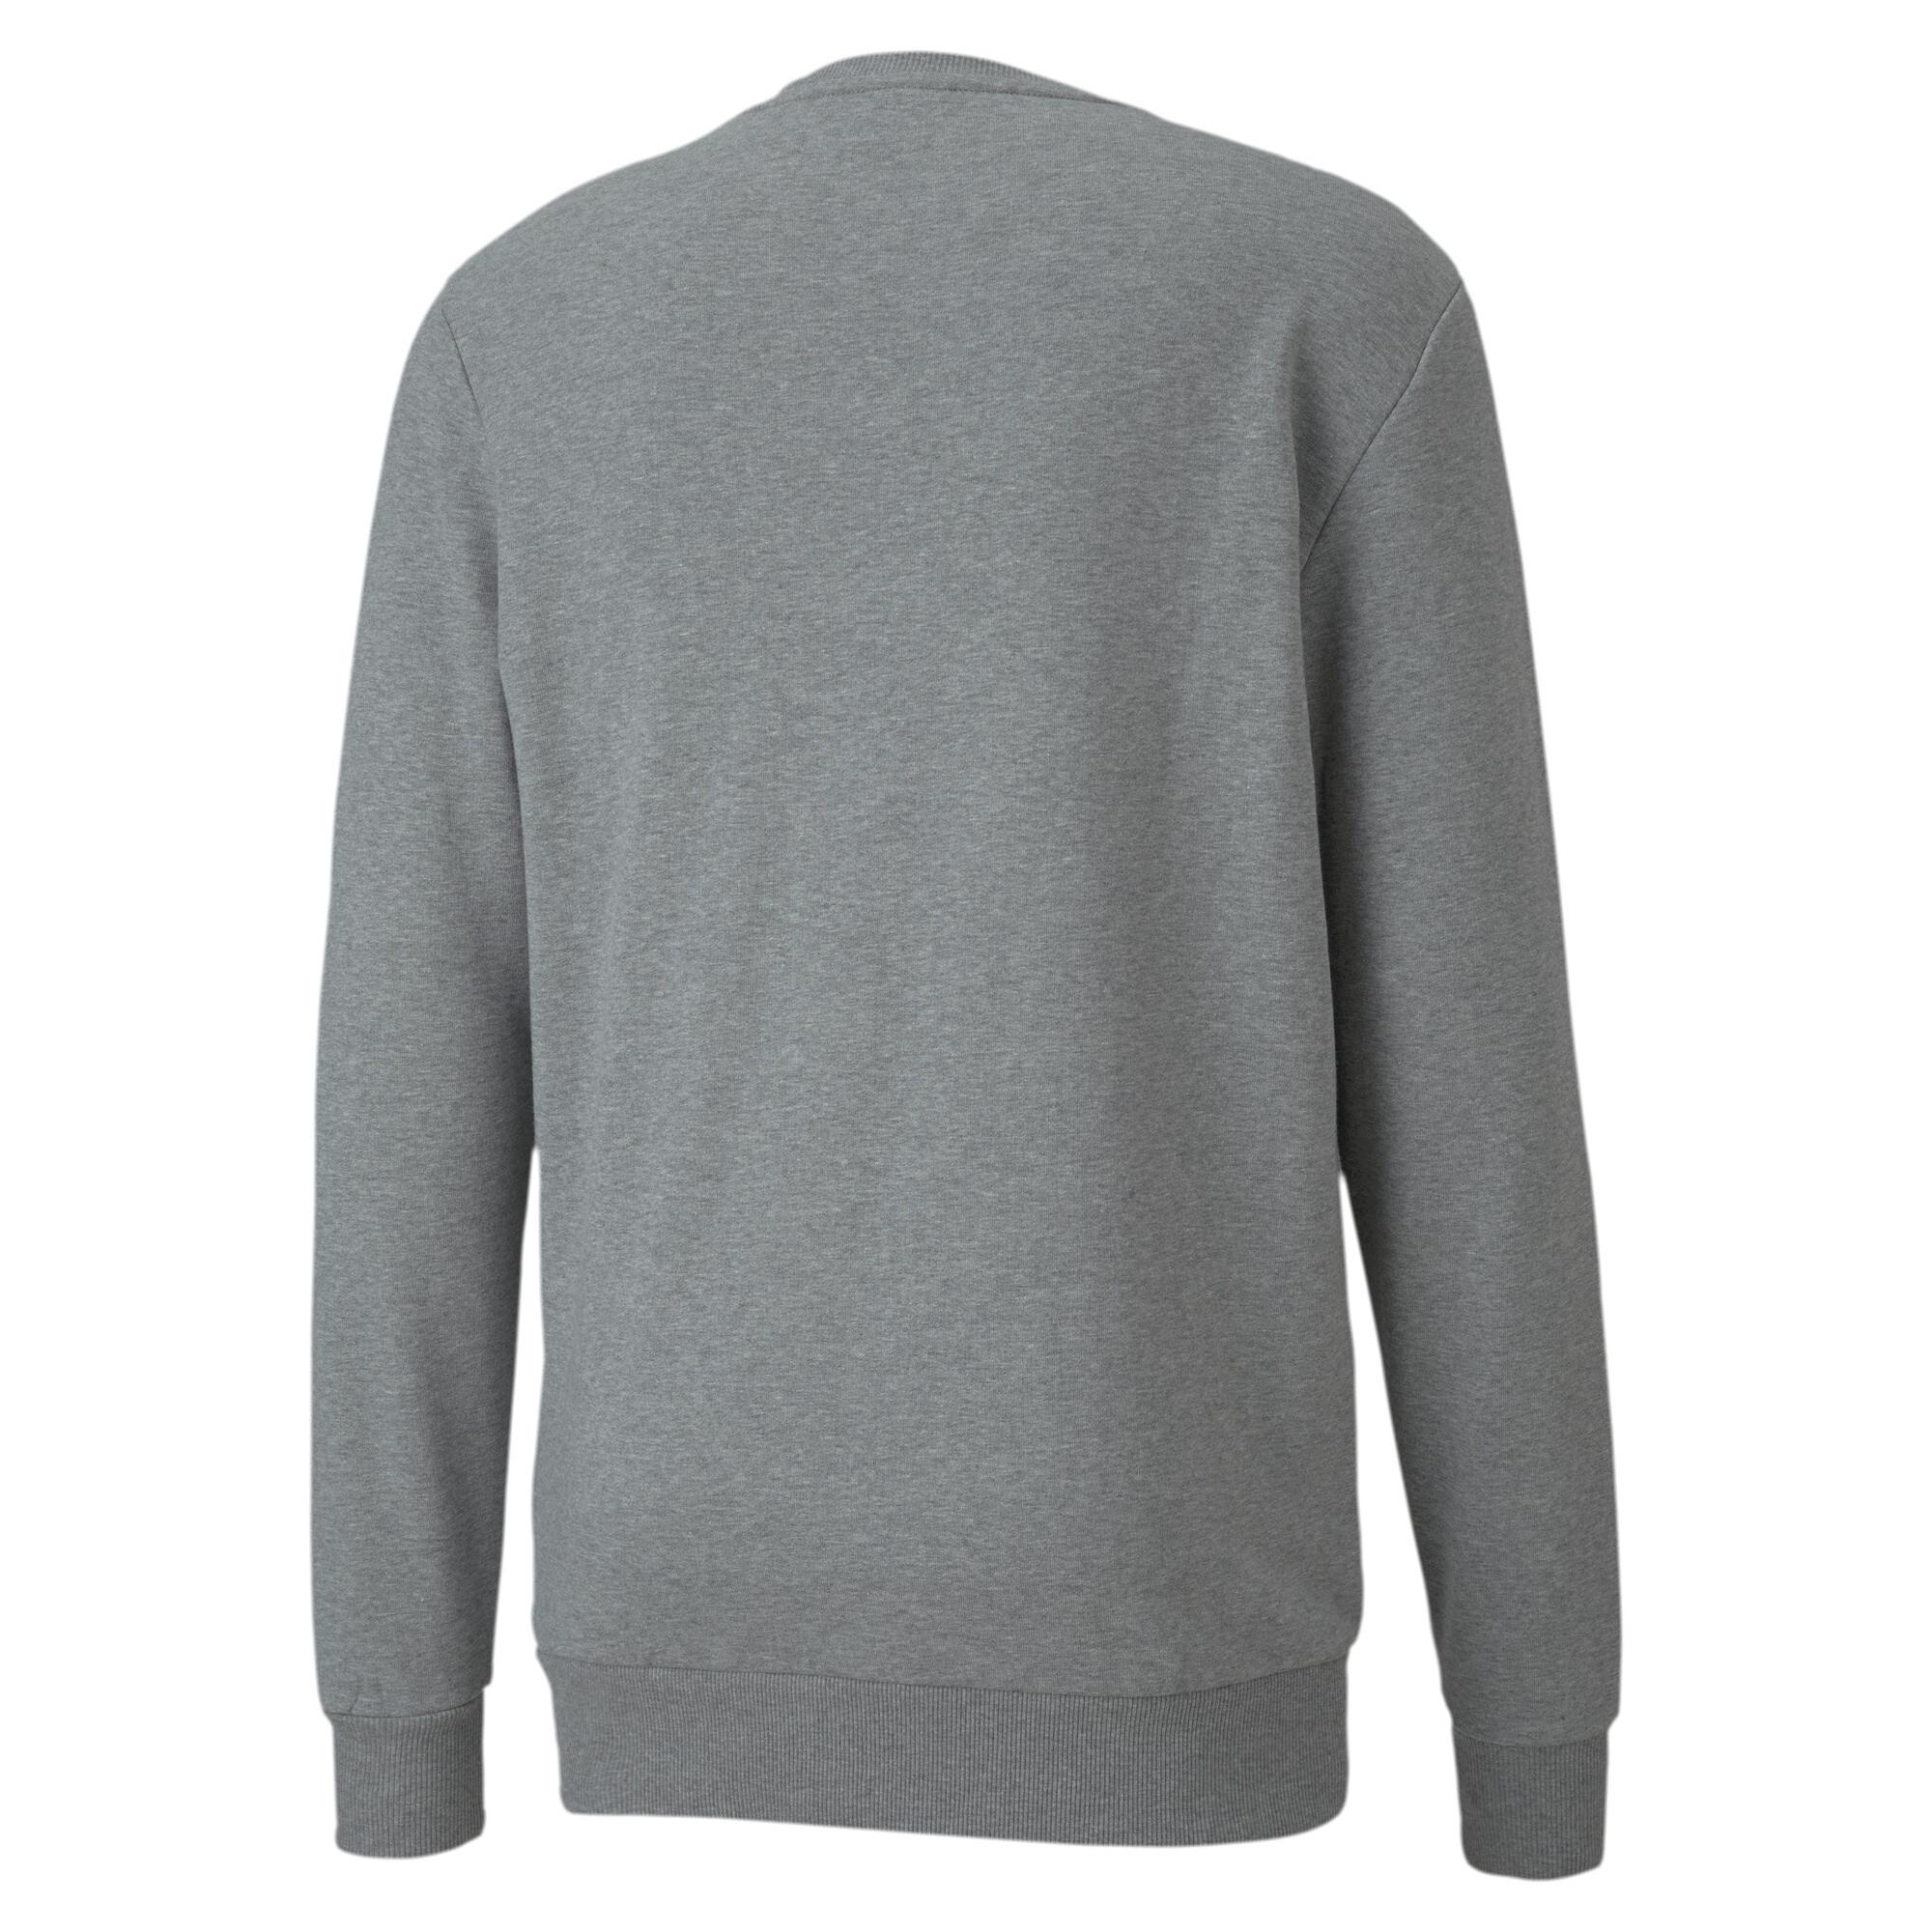 PUMA-Classics-Logo-Men-039-s-Crewneck-Sweatshirt-Men-Sweat-Sport-Classics thumbnail 5